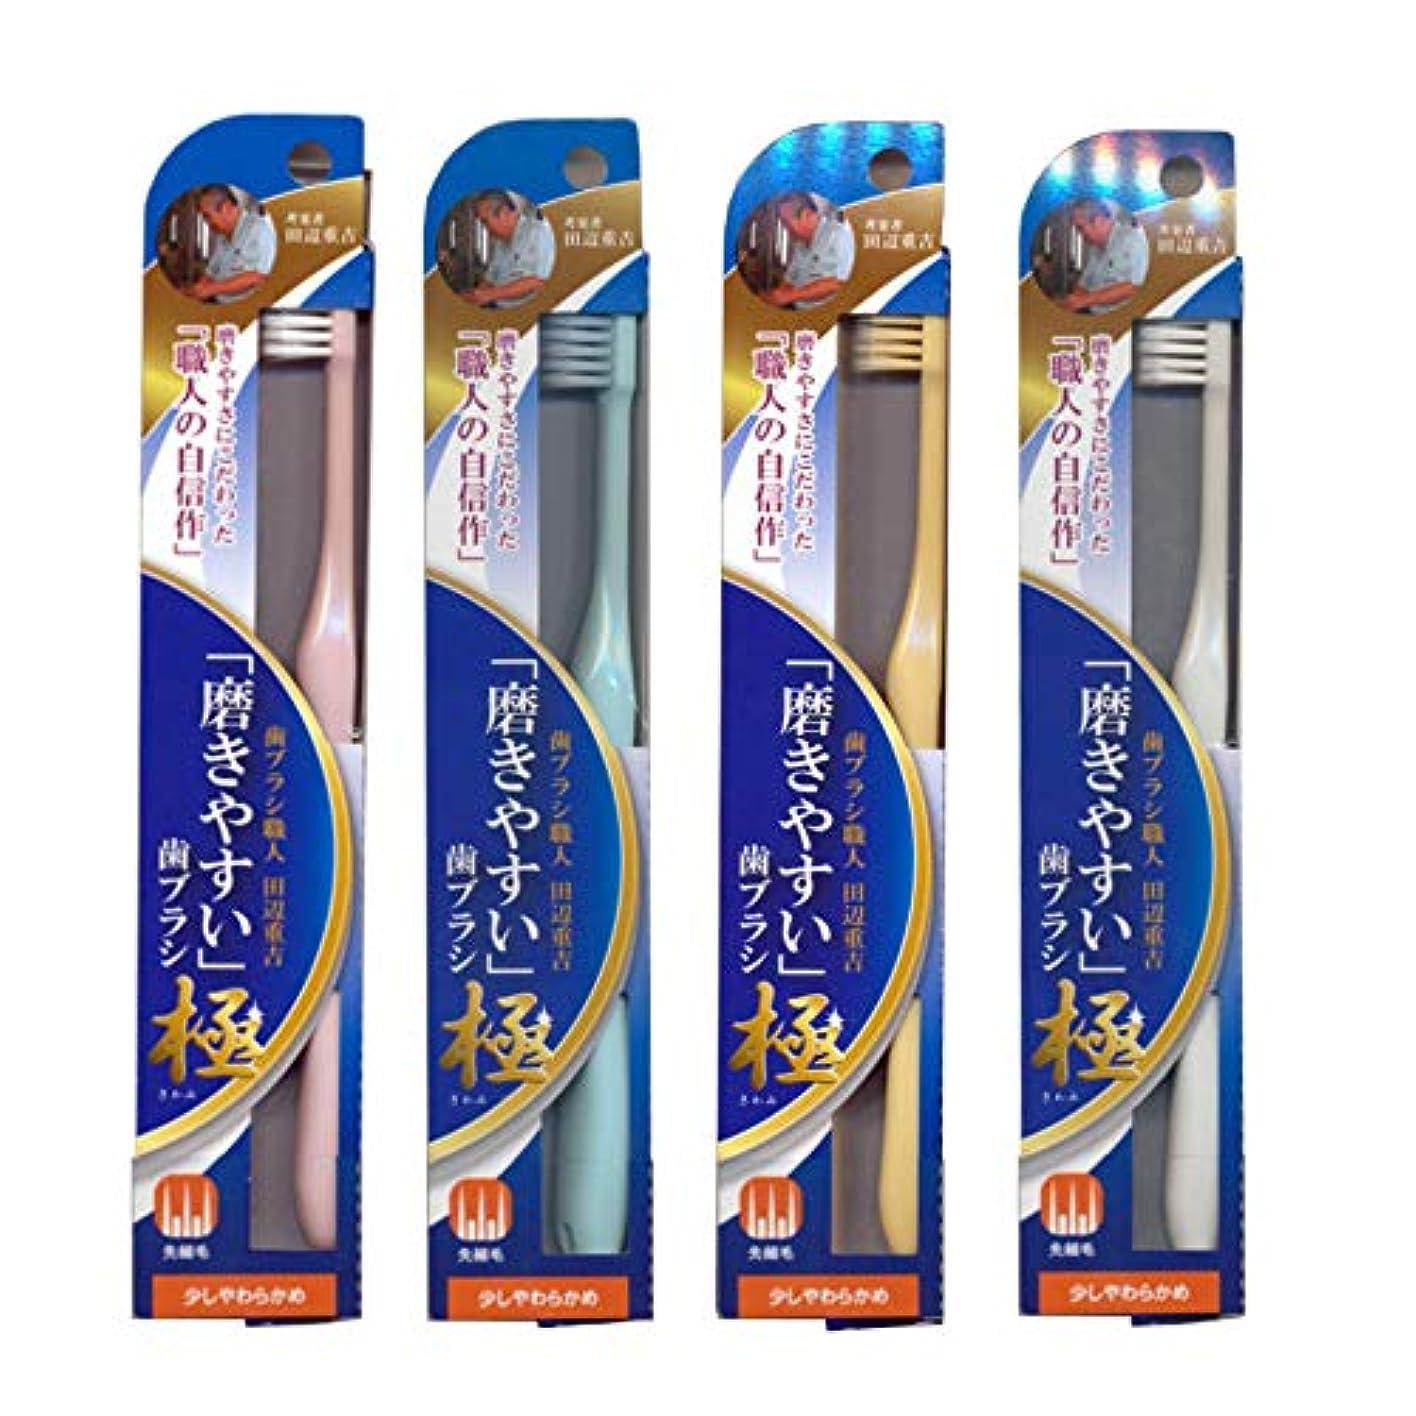 触覚余計な毎年磨きやすい歯ブラシ極 (少し柔らかめ) LT-43×4本セット(ピンク×1、ブルー×1、ホワイト×1、イエロー×1) 先細毛